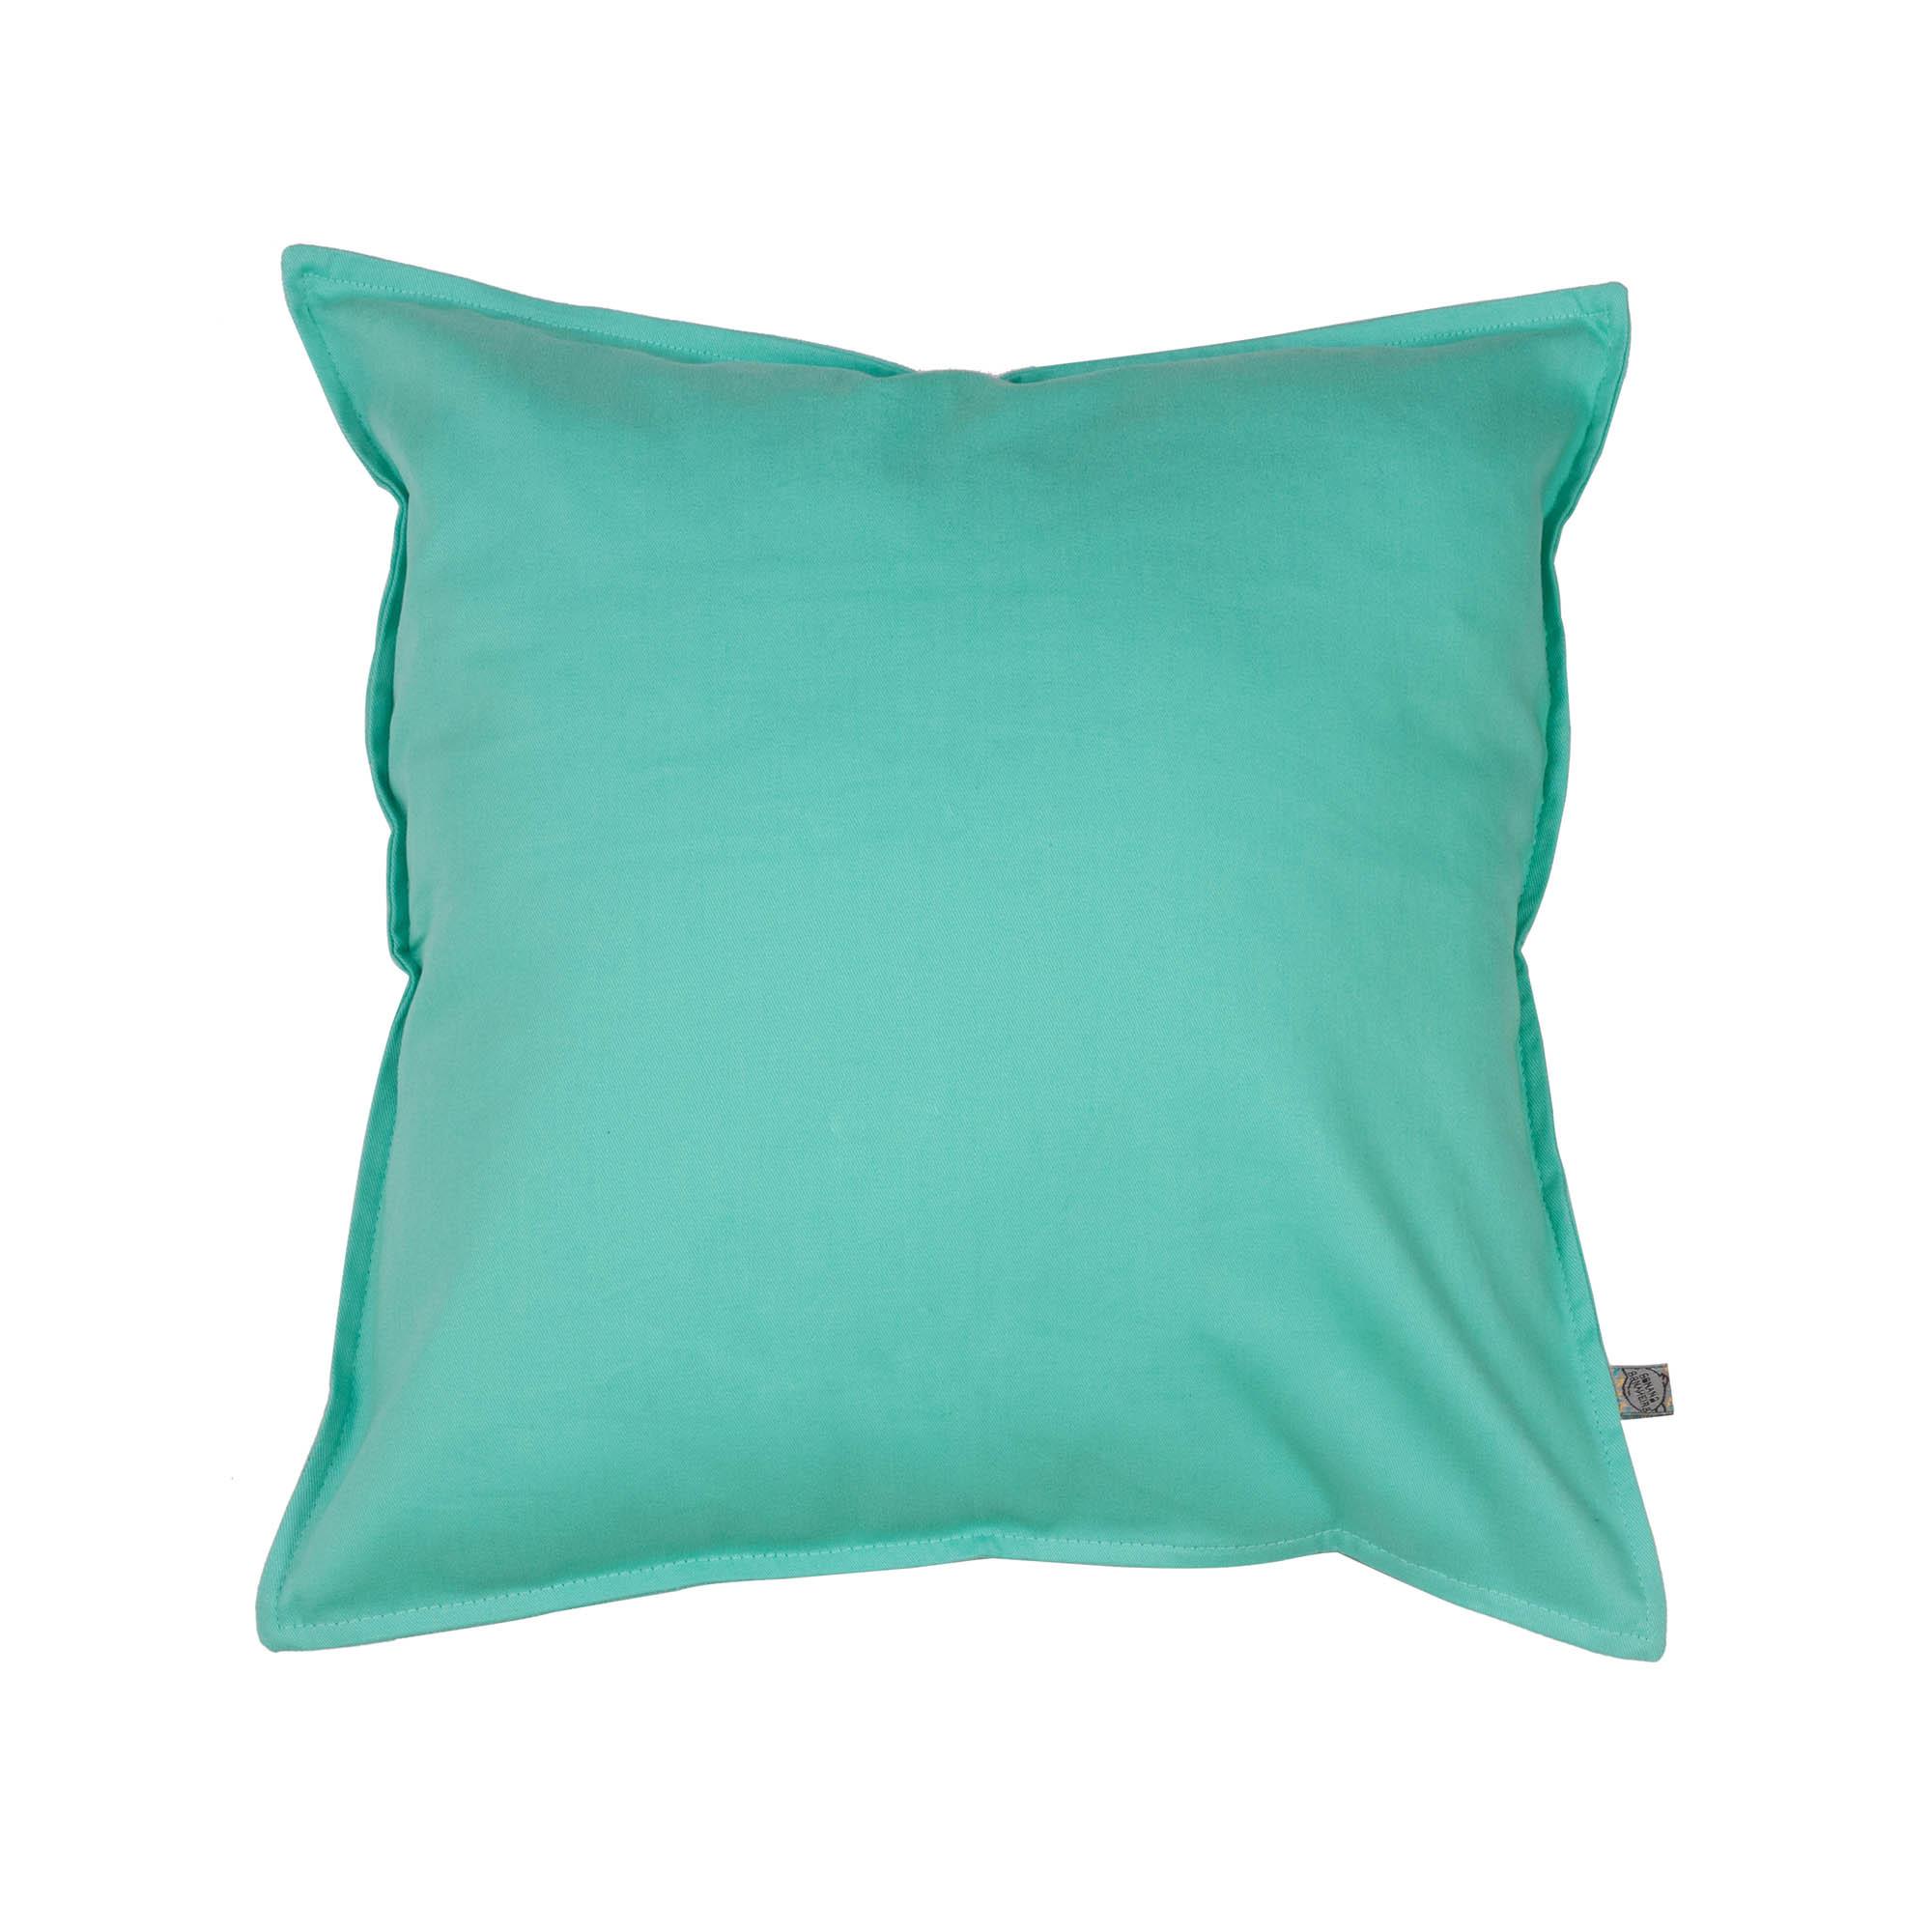 Capa de almofada em pesponto 45 cm x 45 cm verde água